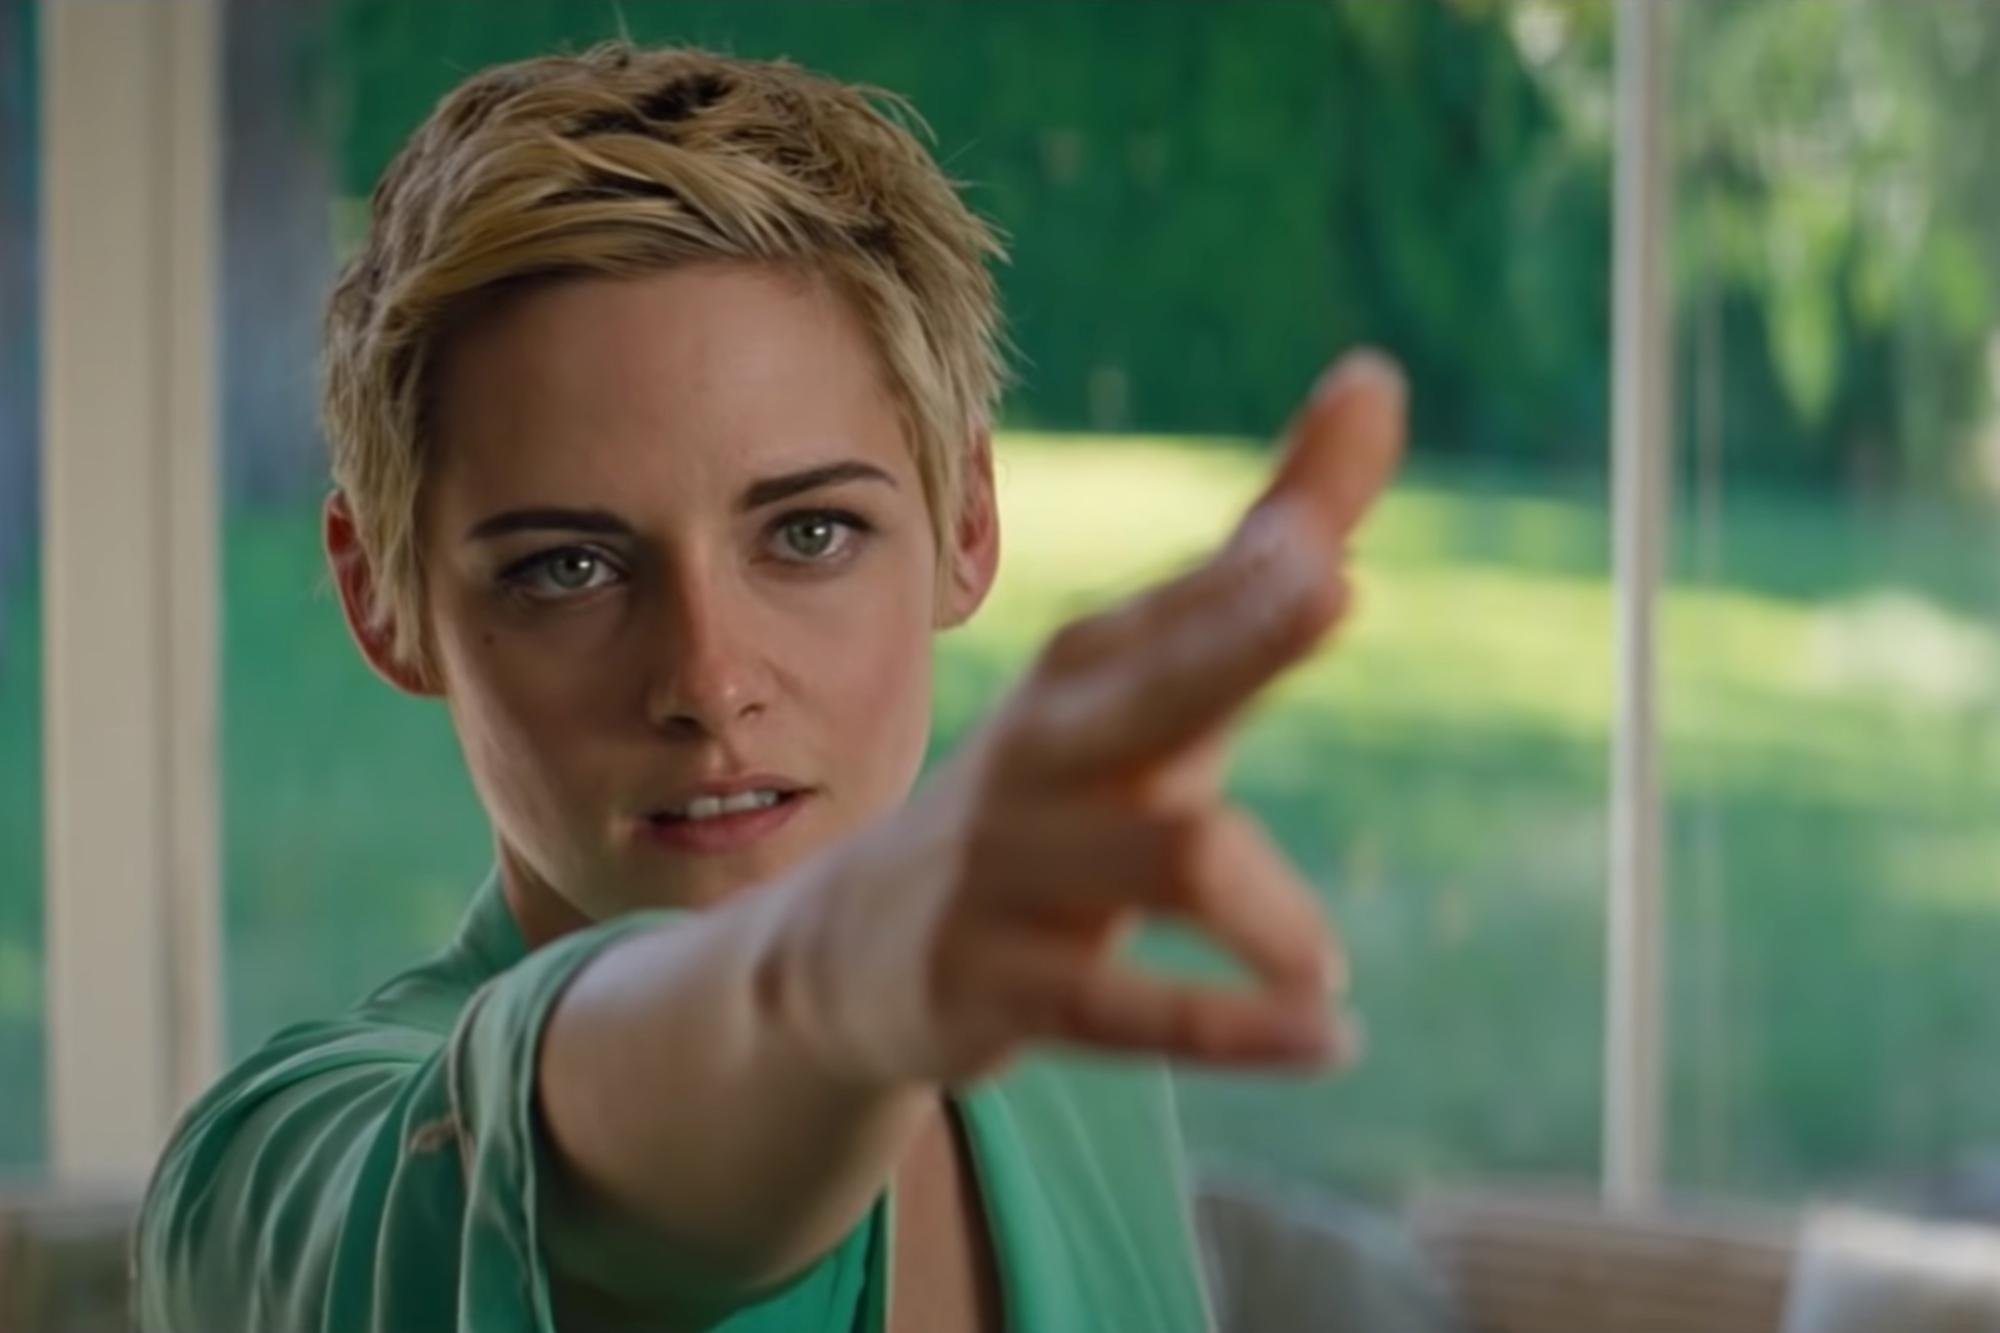 Kristen Stewart Faces Down the FBI as Jean Seberg in New Trailer - Rolling Stone